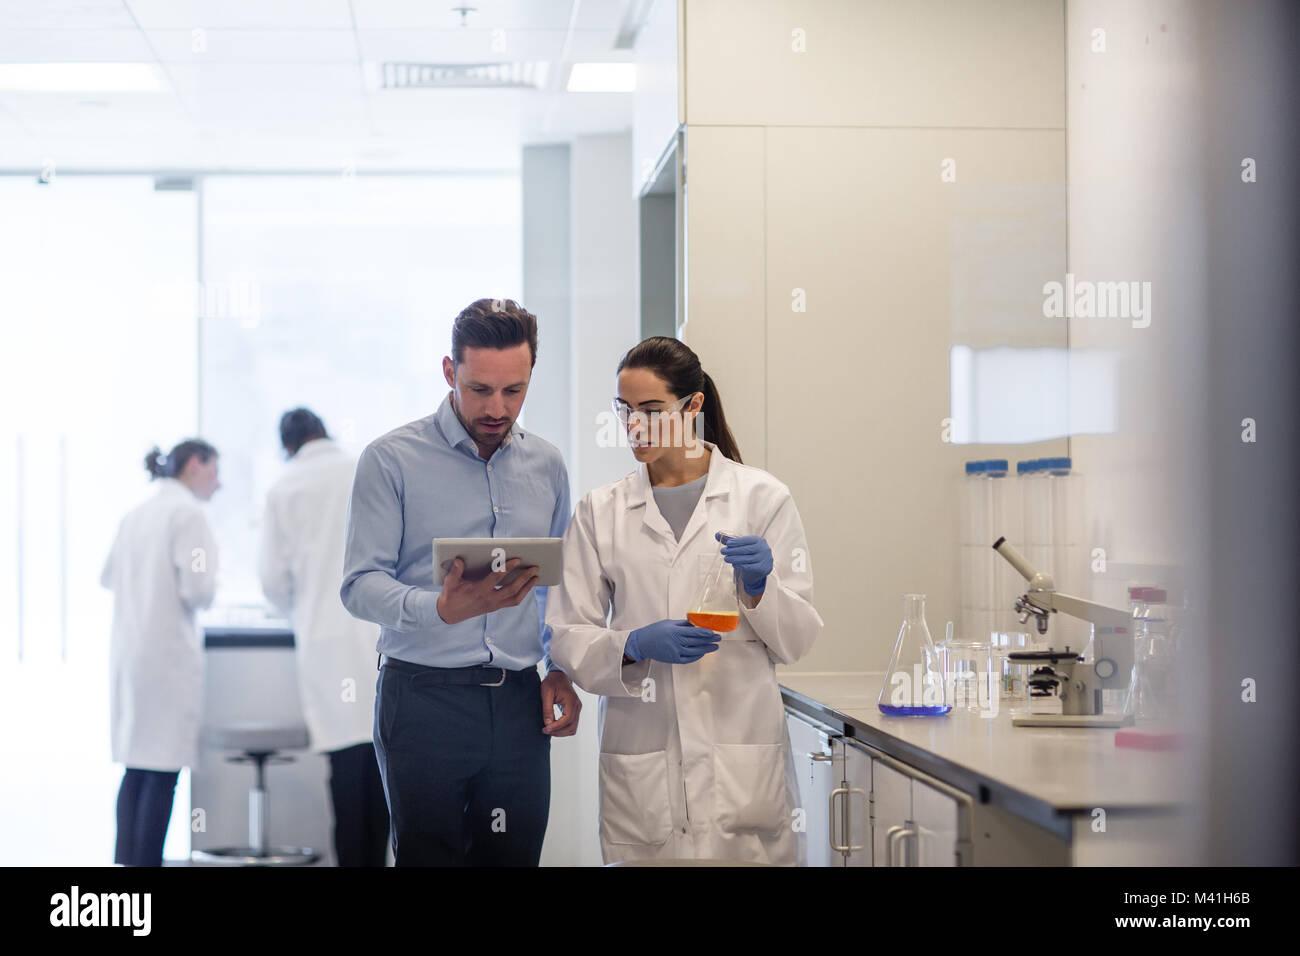 Investigadora discute los resultados del experimento con el colega masculino Imagen De Stock